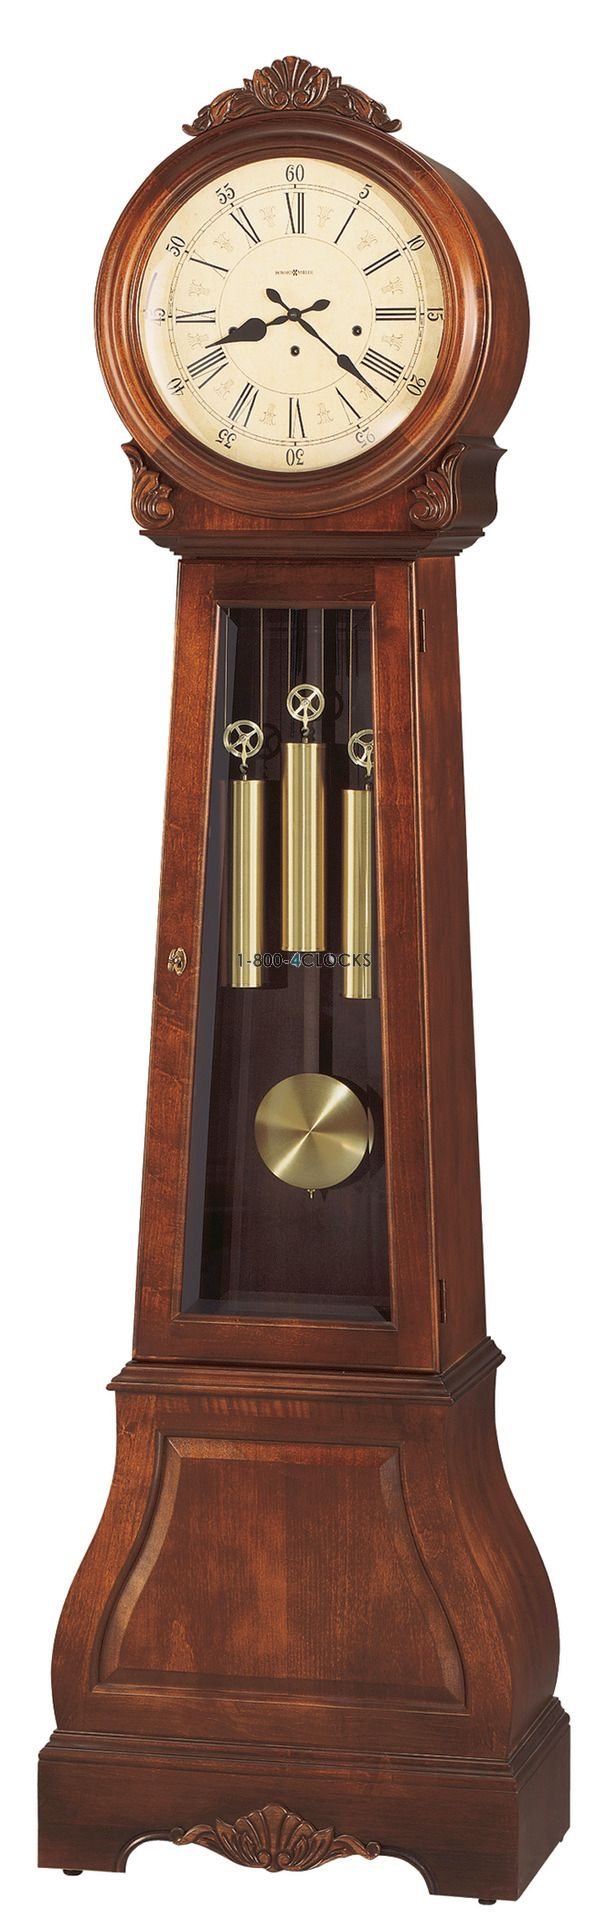 Howard Miller La Rochelle Grandfather Clocks 610-900 : eBay